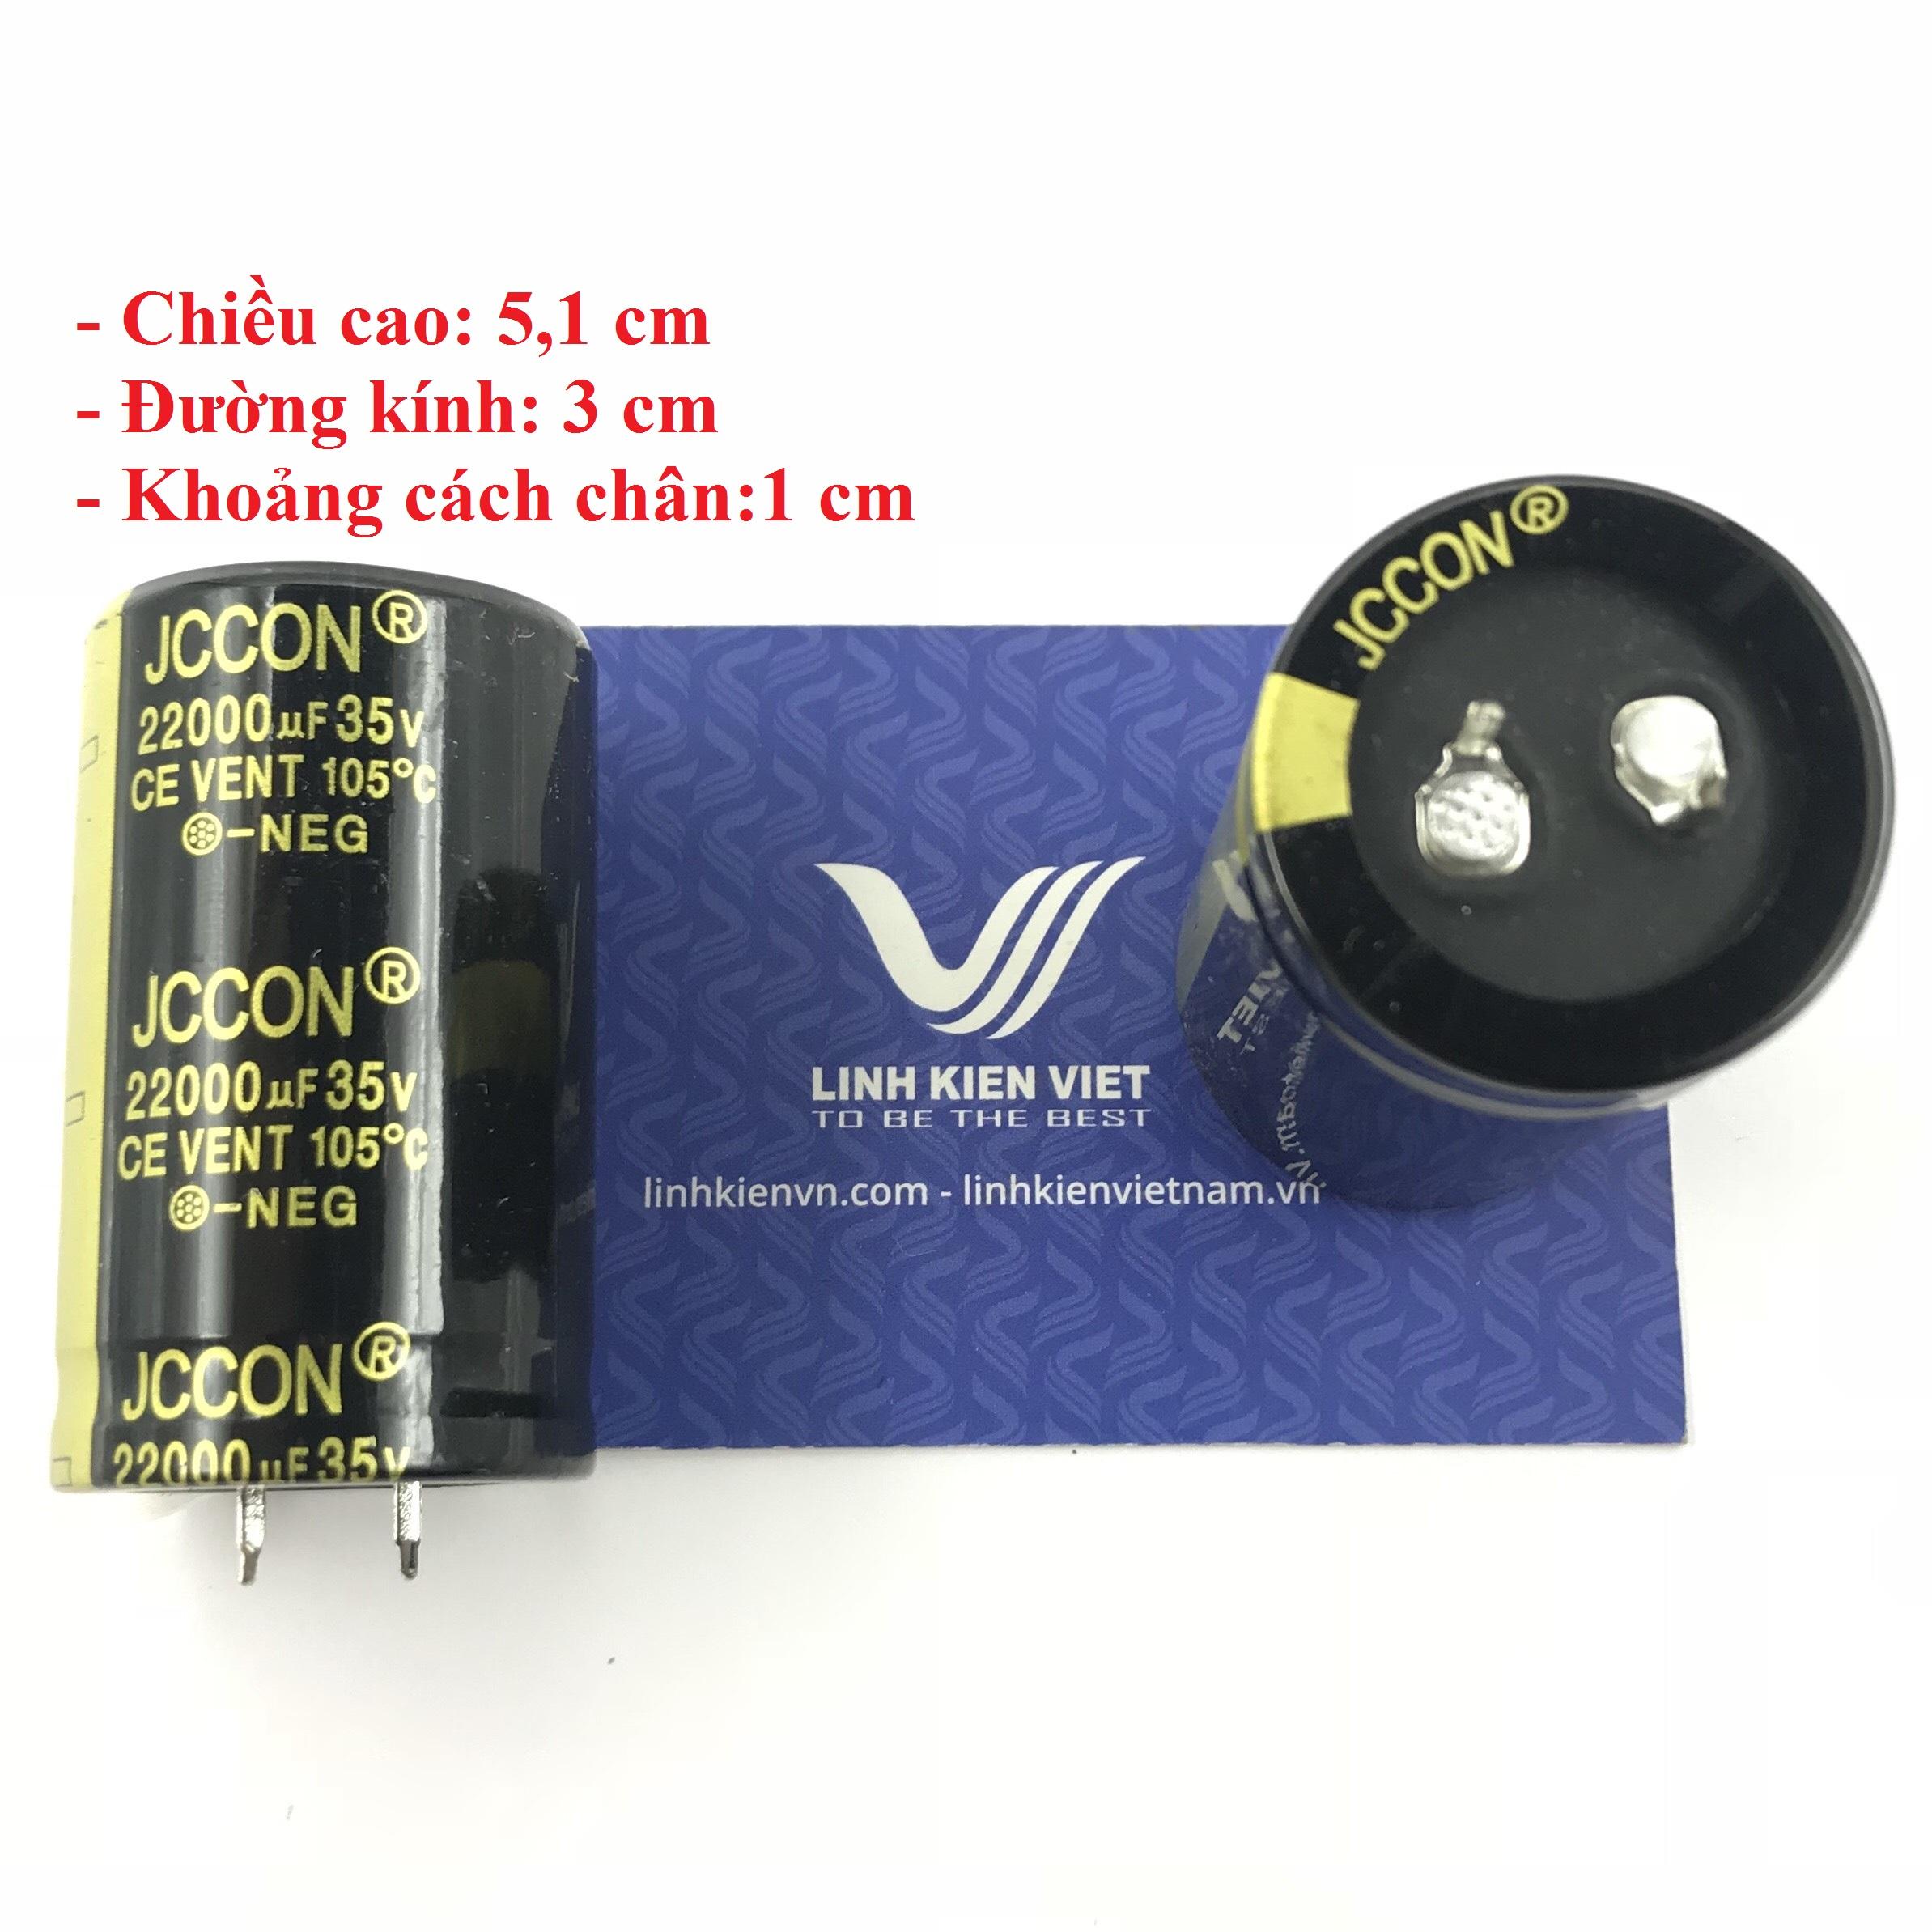 Tụ Hóa JCCON 22000uF 35V loại tốt - A8H5